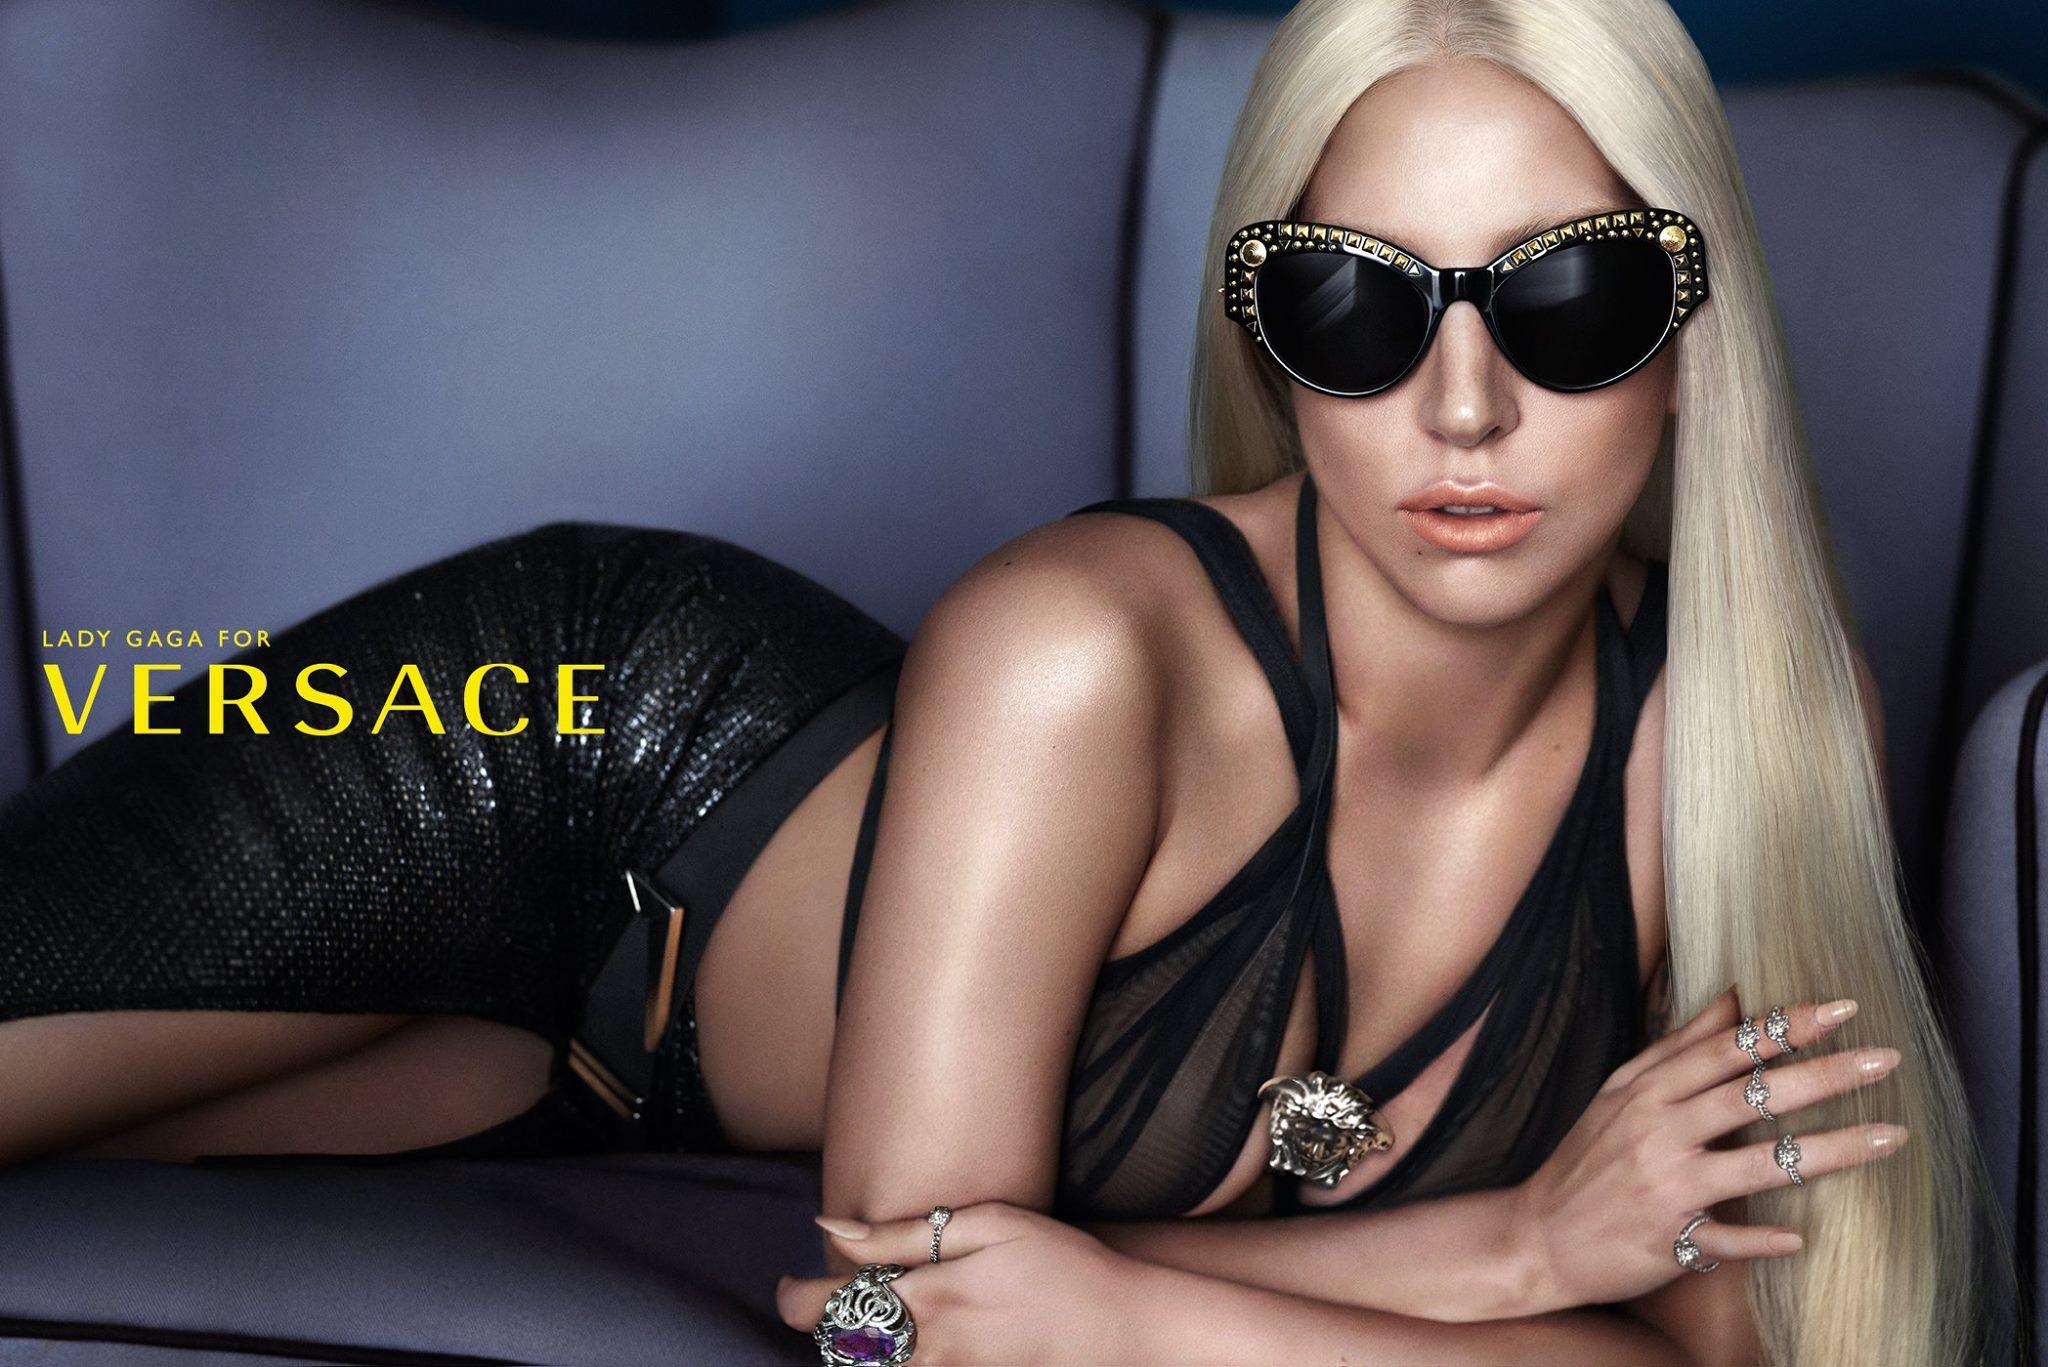 Леди Гага в рекламной кампании Versace